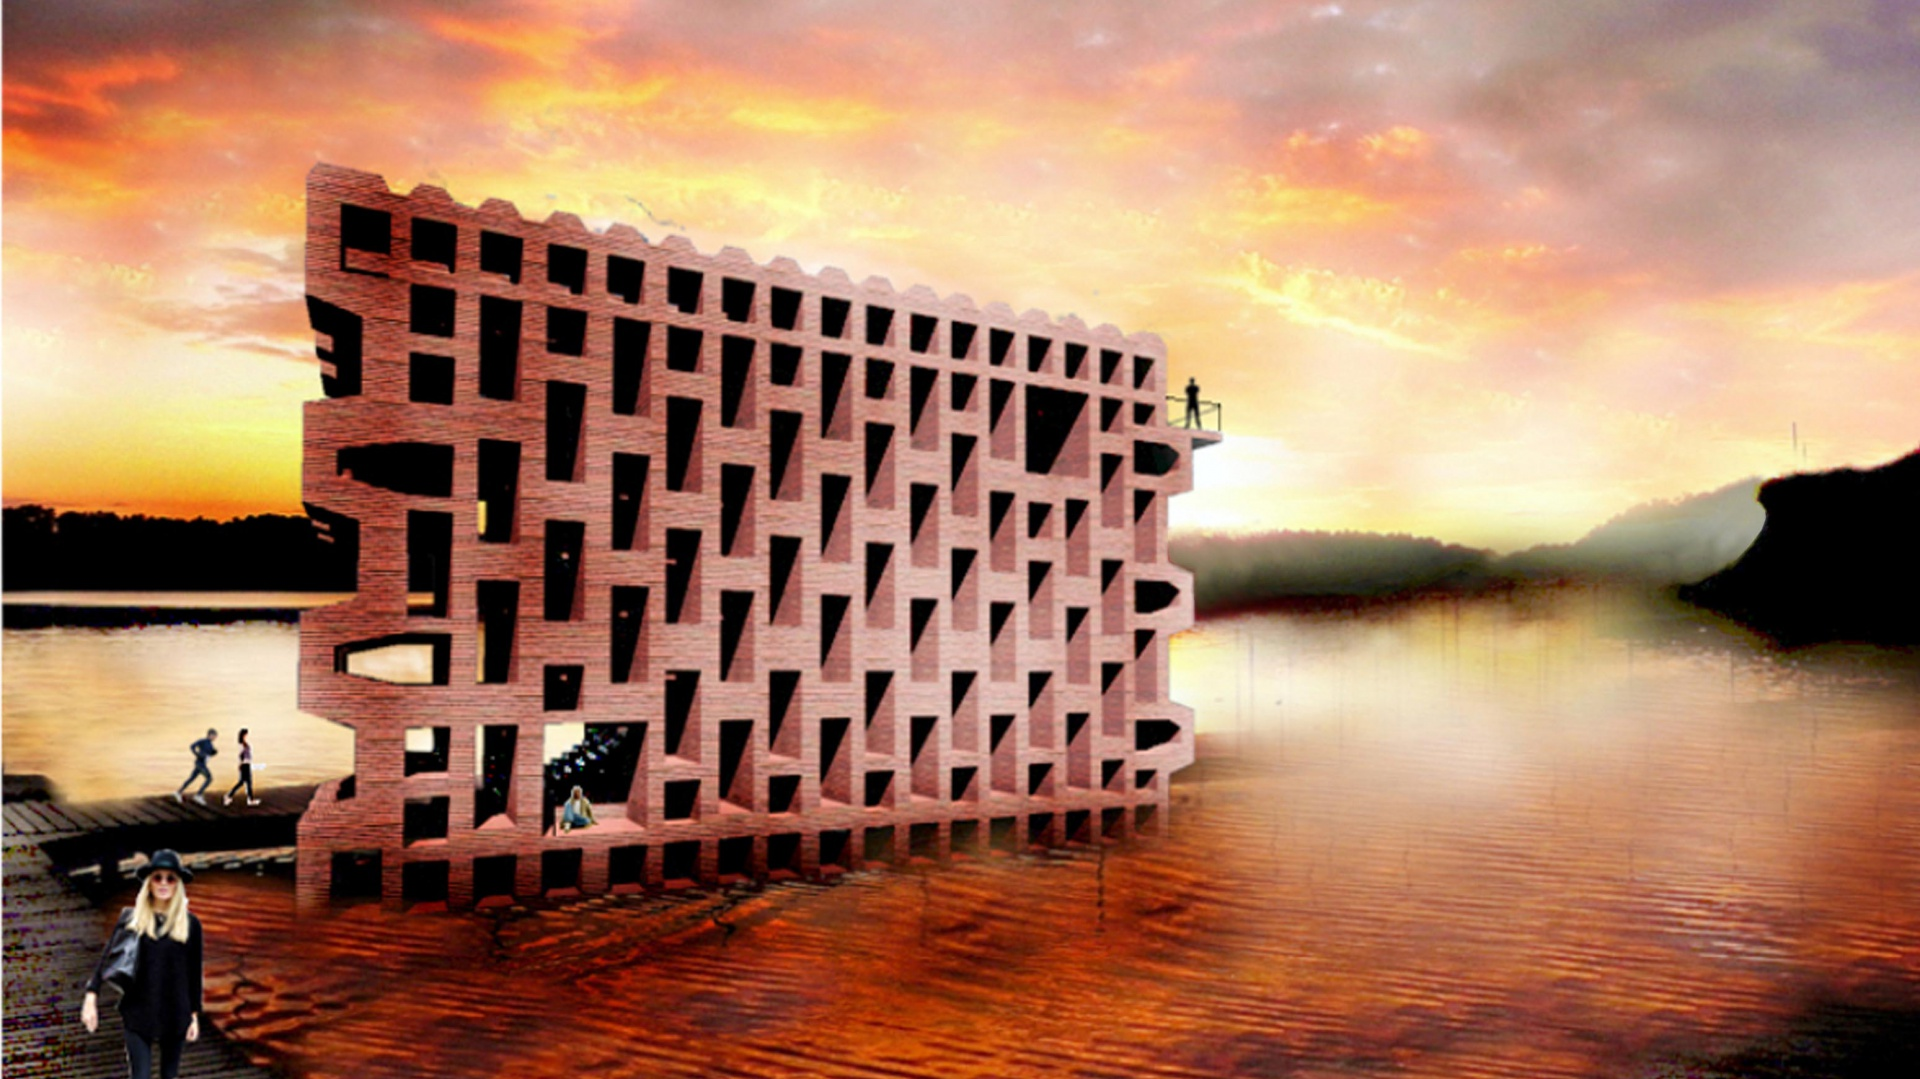 Nagrodę w kategorii Projekt bez realizacji – projekty przygotowane przez studentów kierunków architektonicznych przyznano dla opracowania konkursowego Brick to Heaven, studentek: Justyny Lebiedzik, Martyny Dziurskiej, Karoliny Krupy. Fot. Brick Award